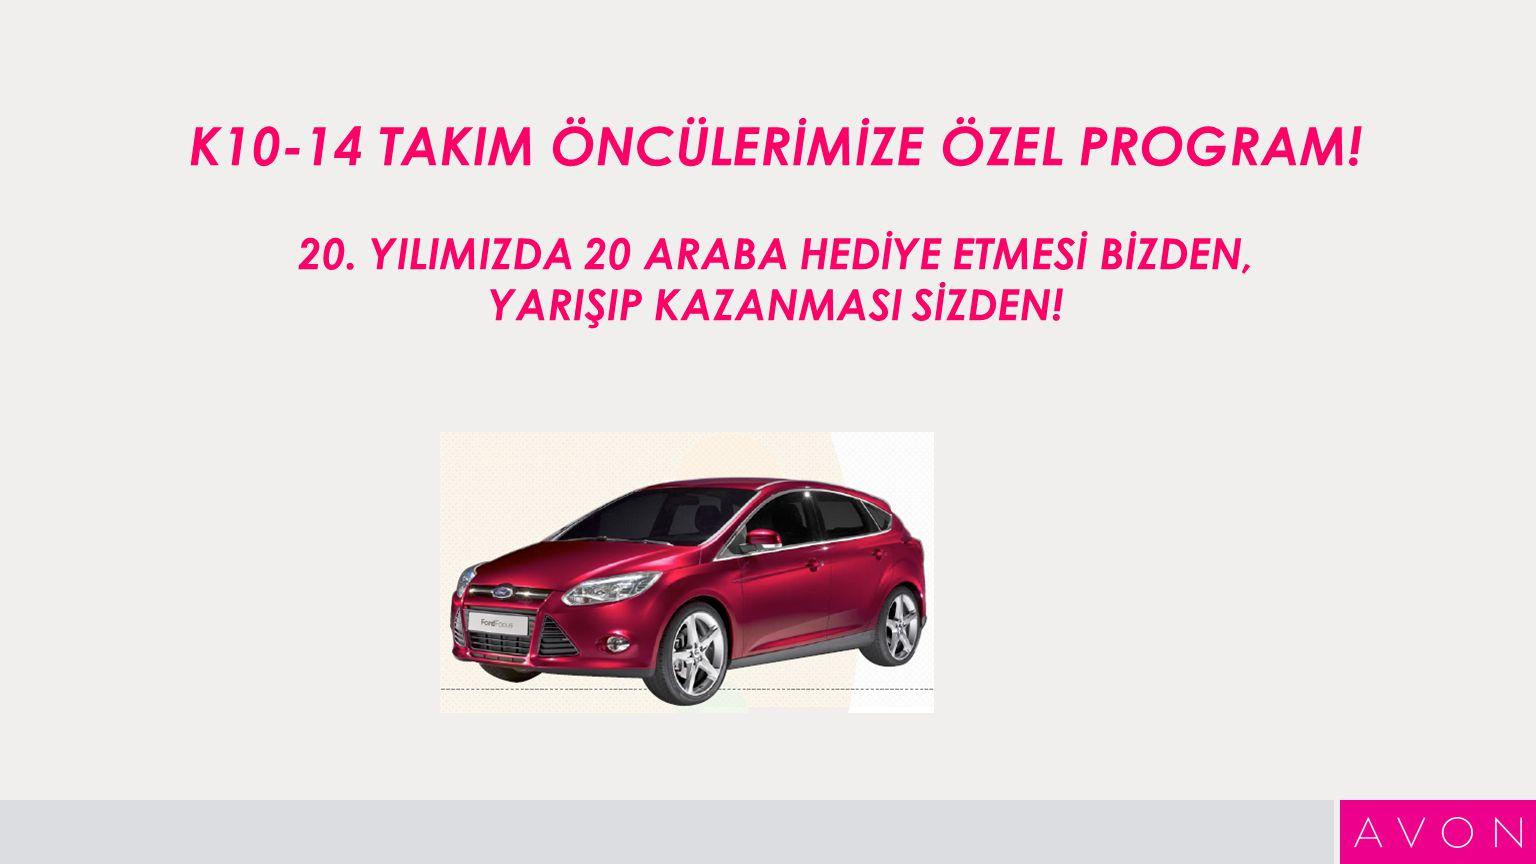 K10-14 TAKIM ÖNCÜLERİMİZE ÖZEL PROGRAM. 20.